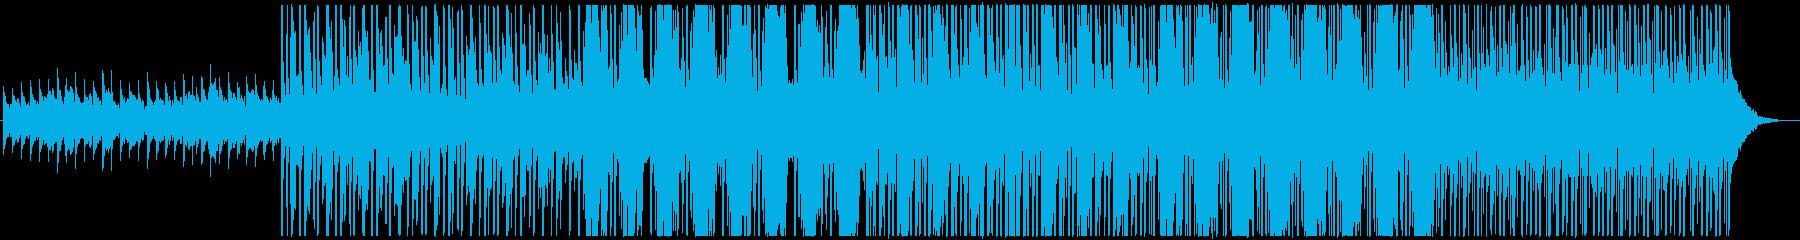 かなりニュートラルなミッドテンポの...の再生済みの波形